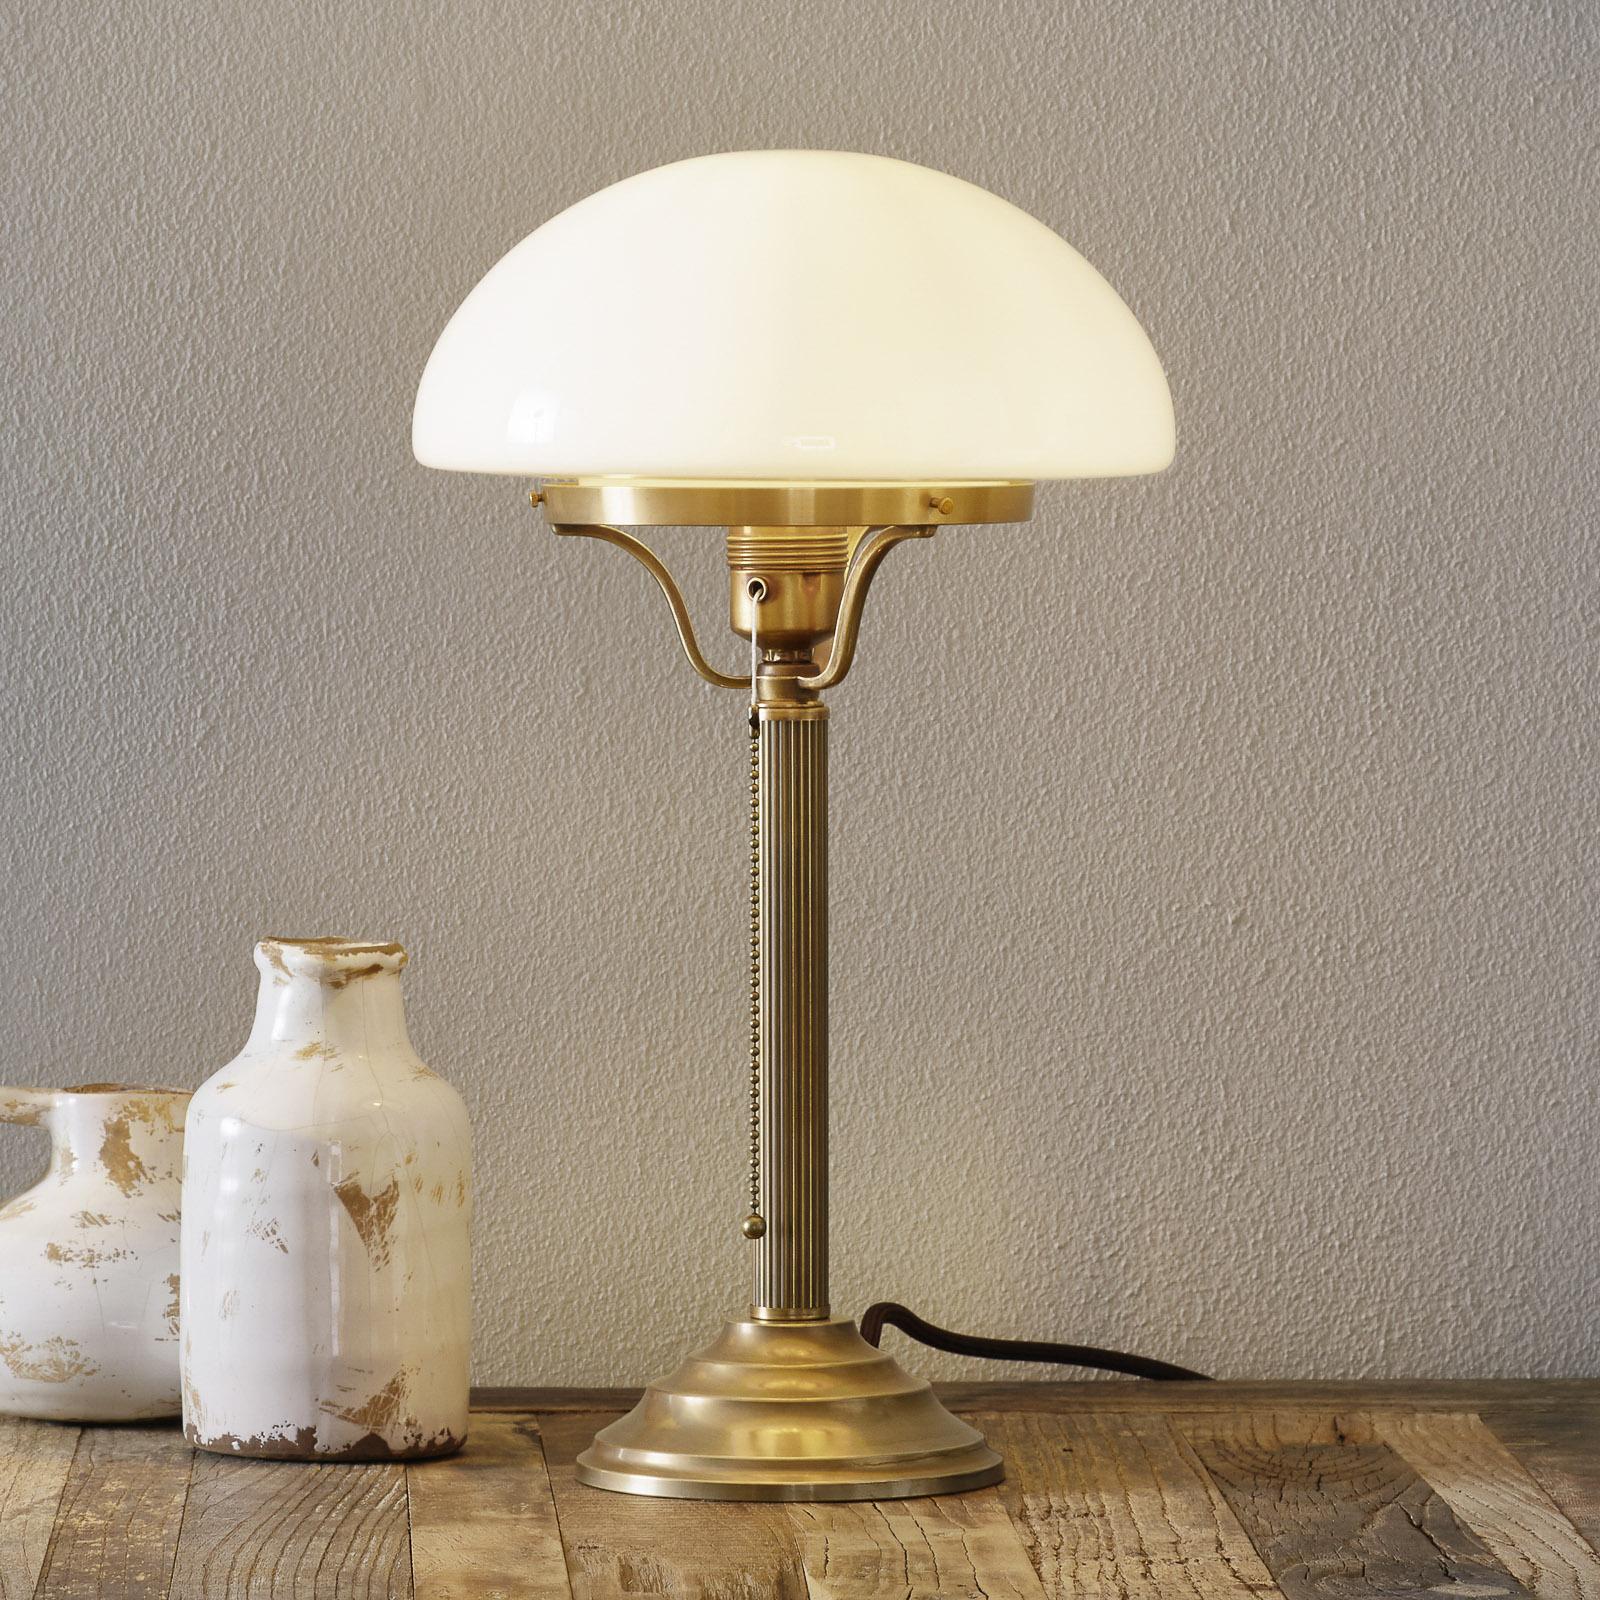 Lampada da tavolo classica HARI in ottone